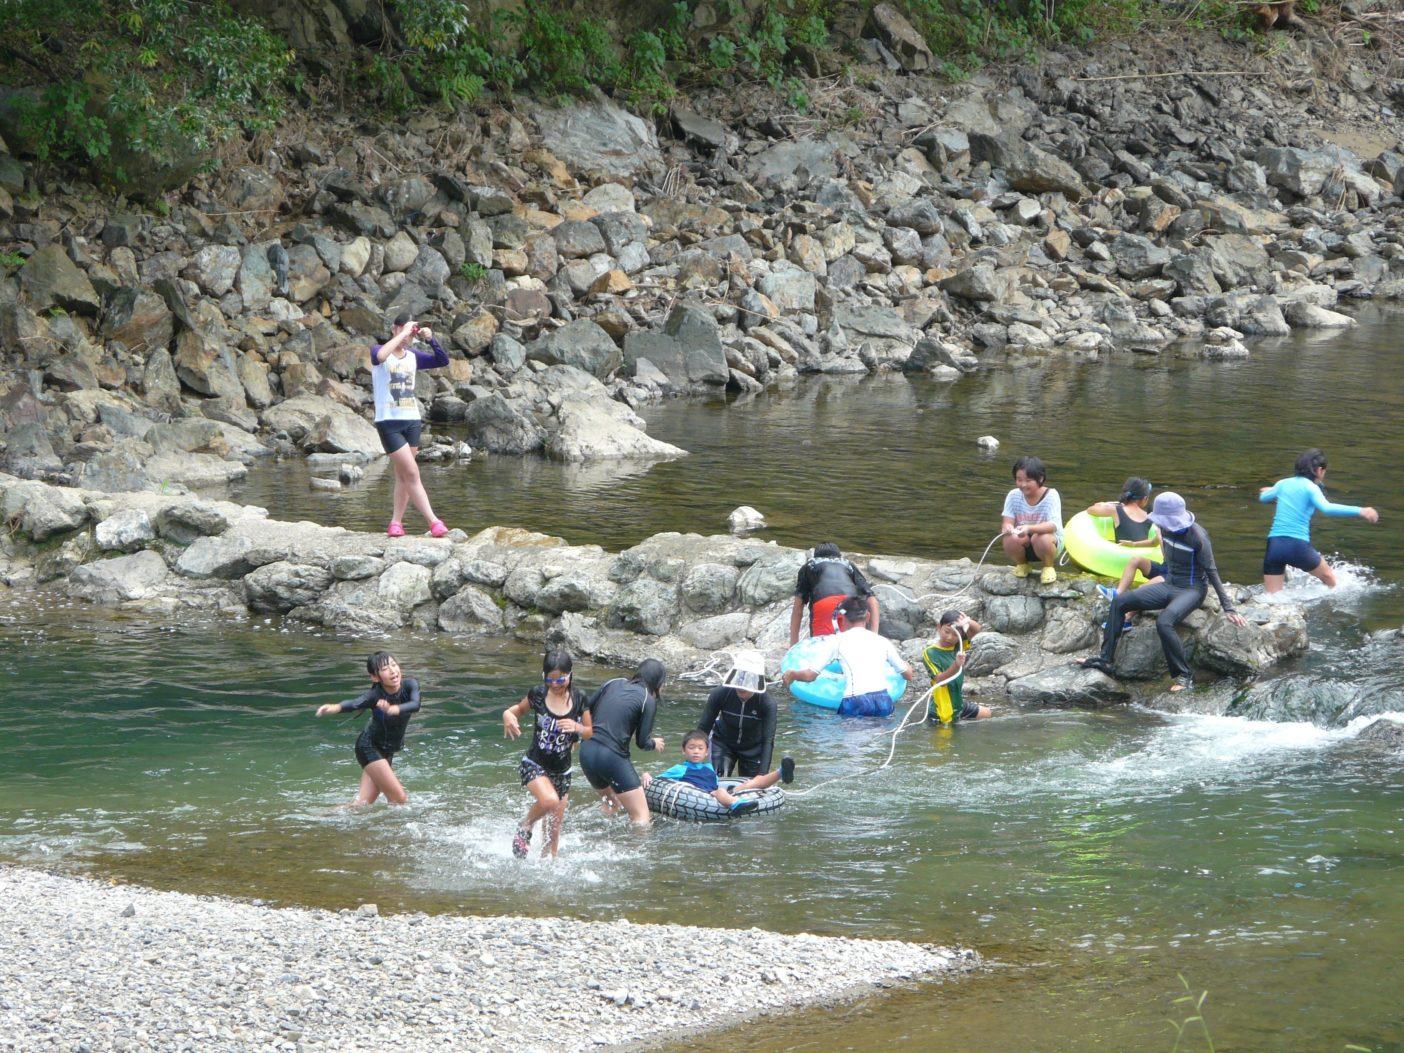 荒瀬ダム湖の水位が下がると、流れが戻った支流は水も澄み、子どもも魚も戻ってきた。写真:つる詳子